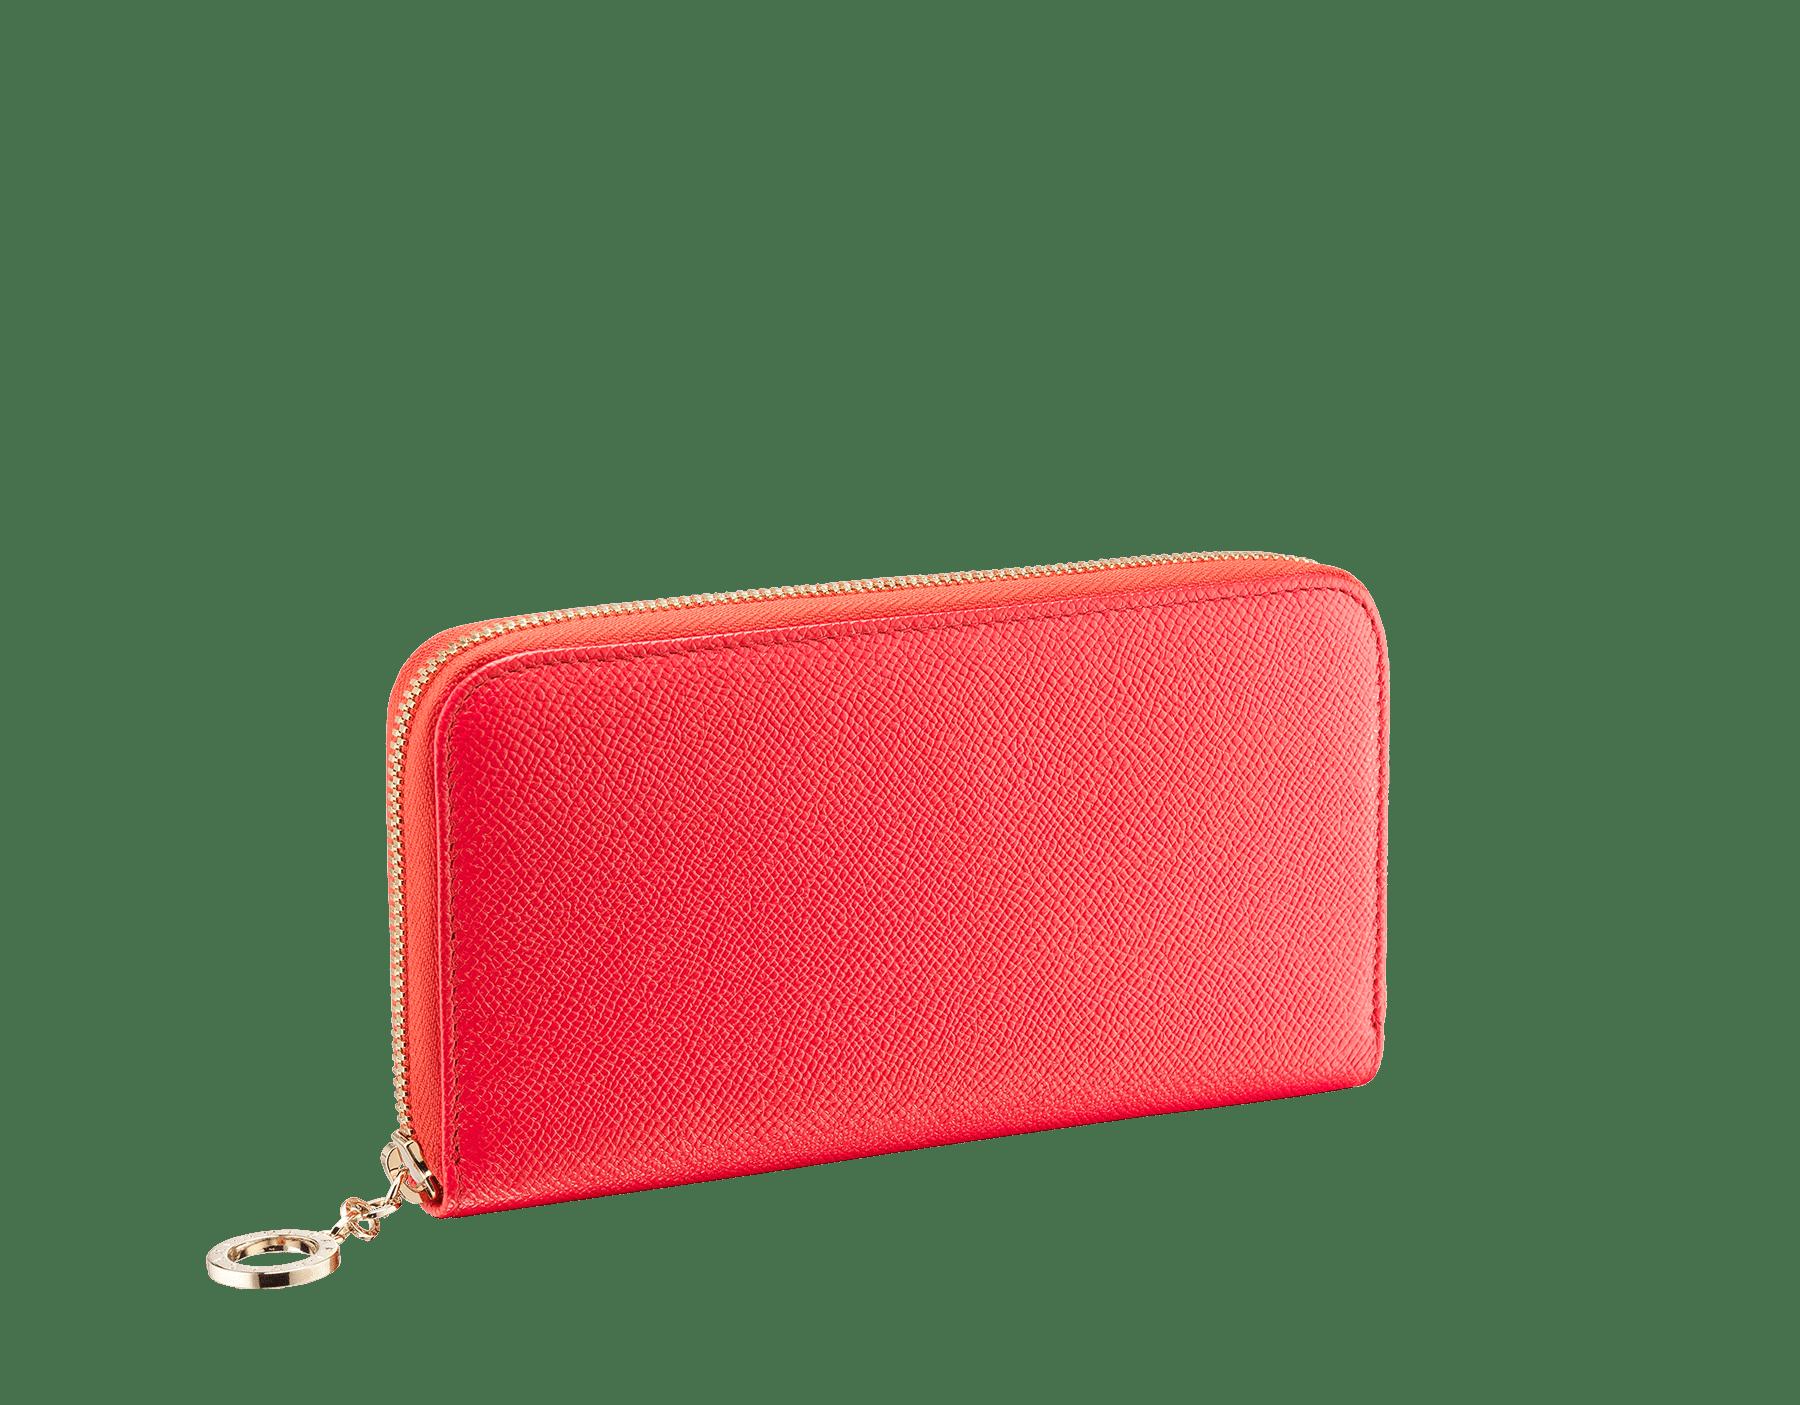 Carteira com zíper BVLGARIBVLGARI em couro de novilho granulado coral-estrela-do-mar brilhante e napa espinélio rosa. Detalhes em metal banhado a ouro claro e icônico puxador de zíper BVLGARIBVLGARI. 288182 image 1